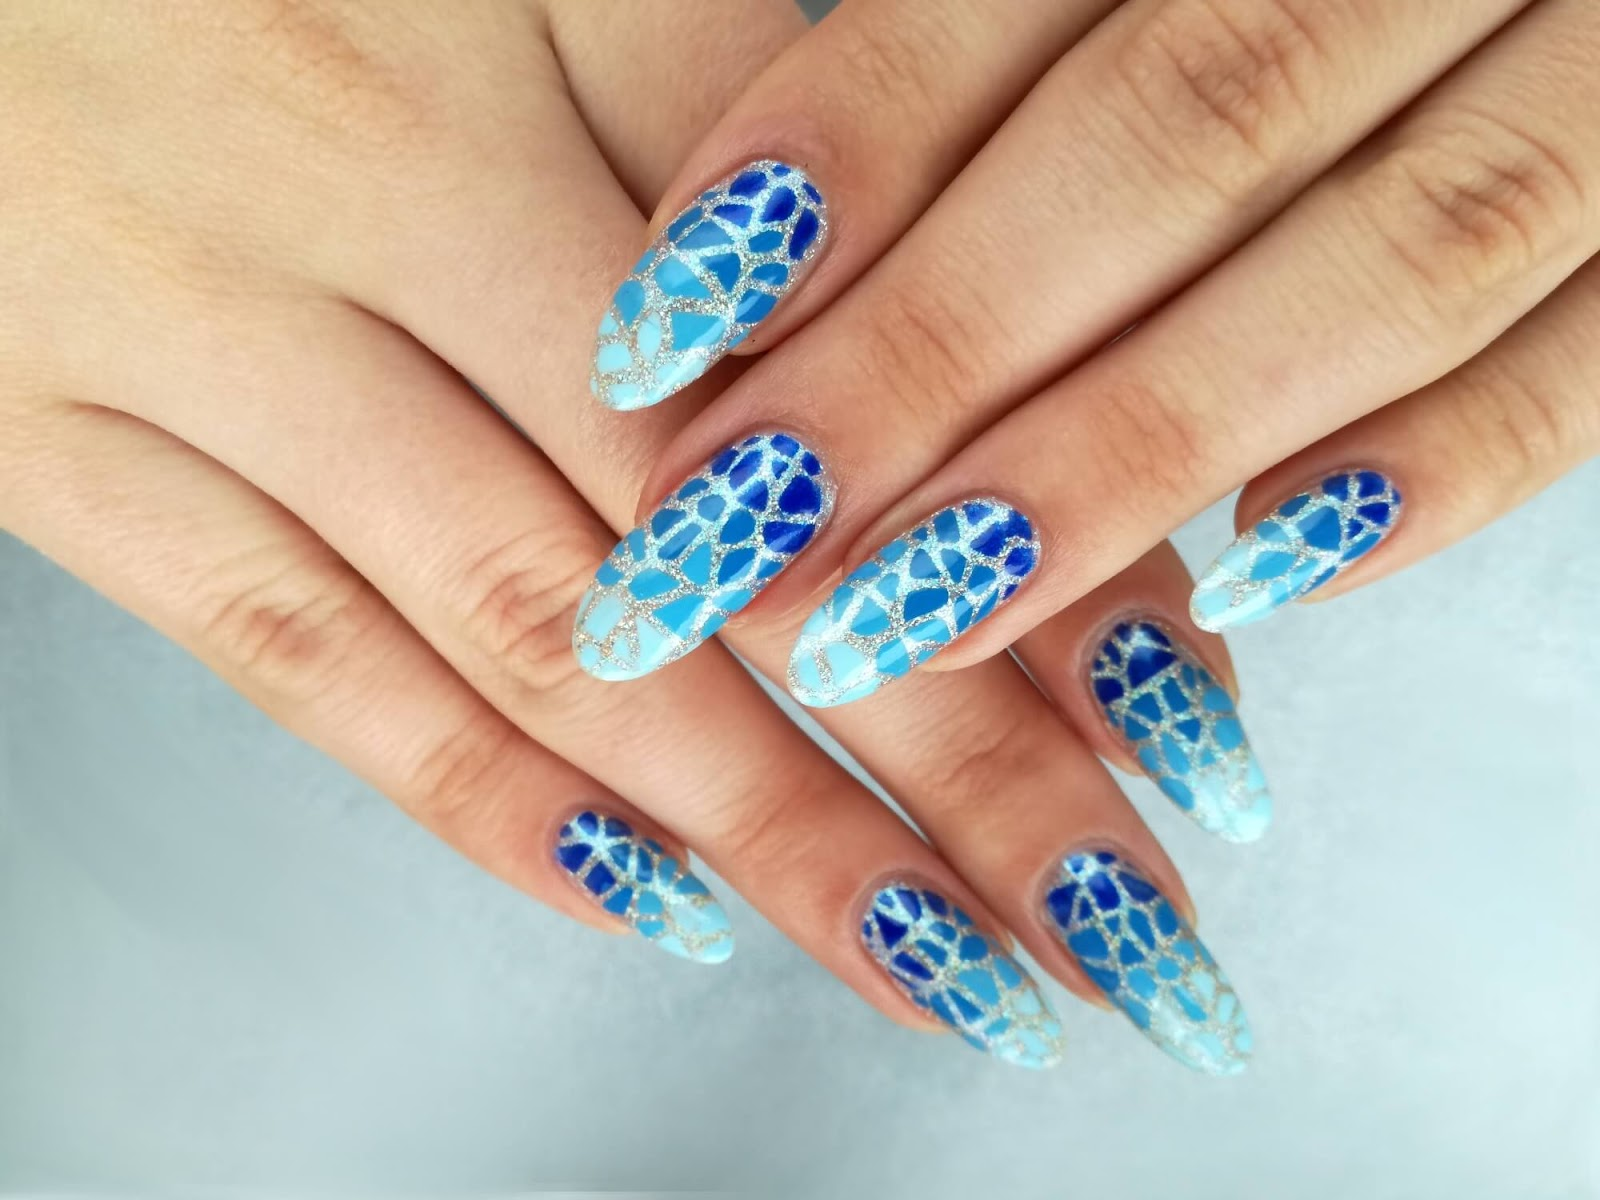 paznokcie w niebieskie plamki